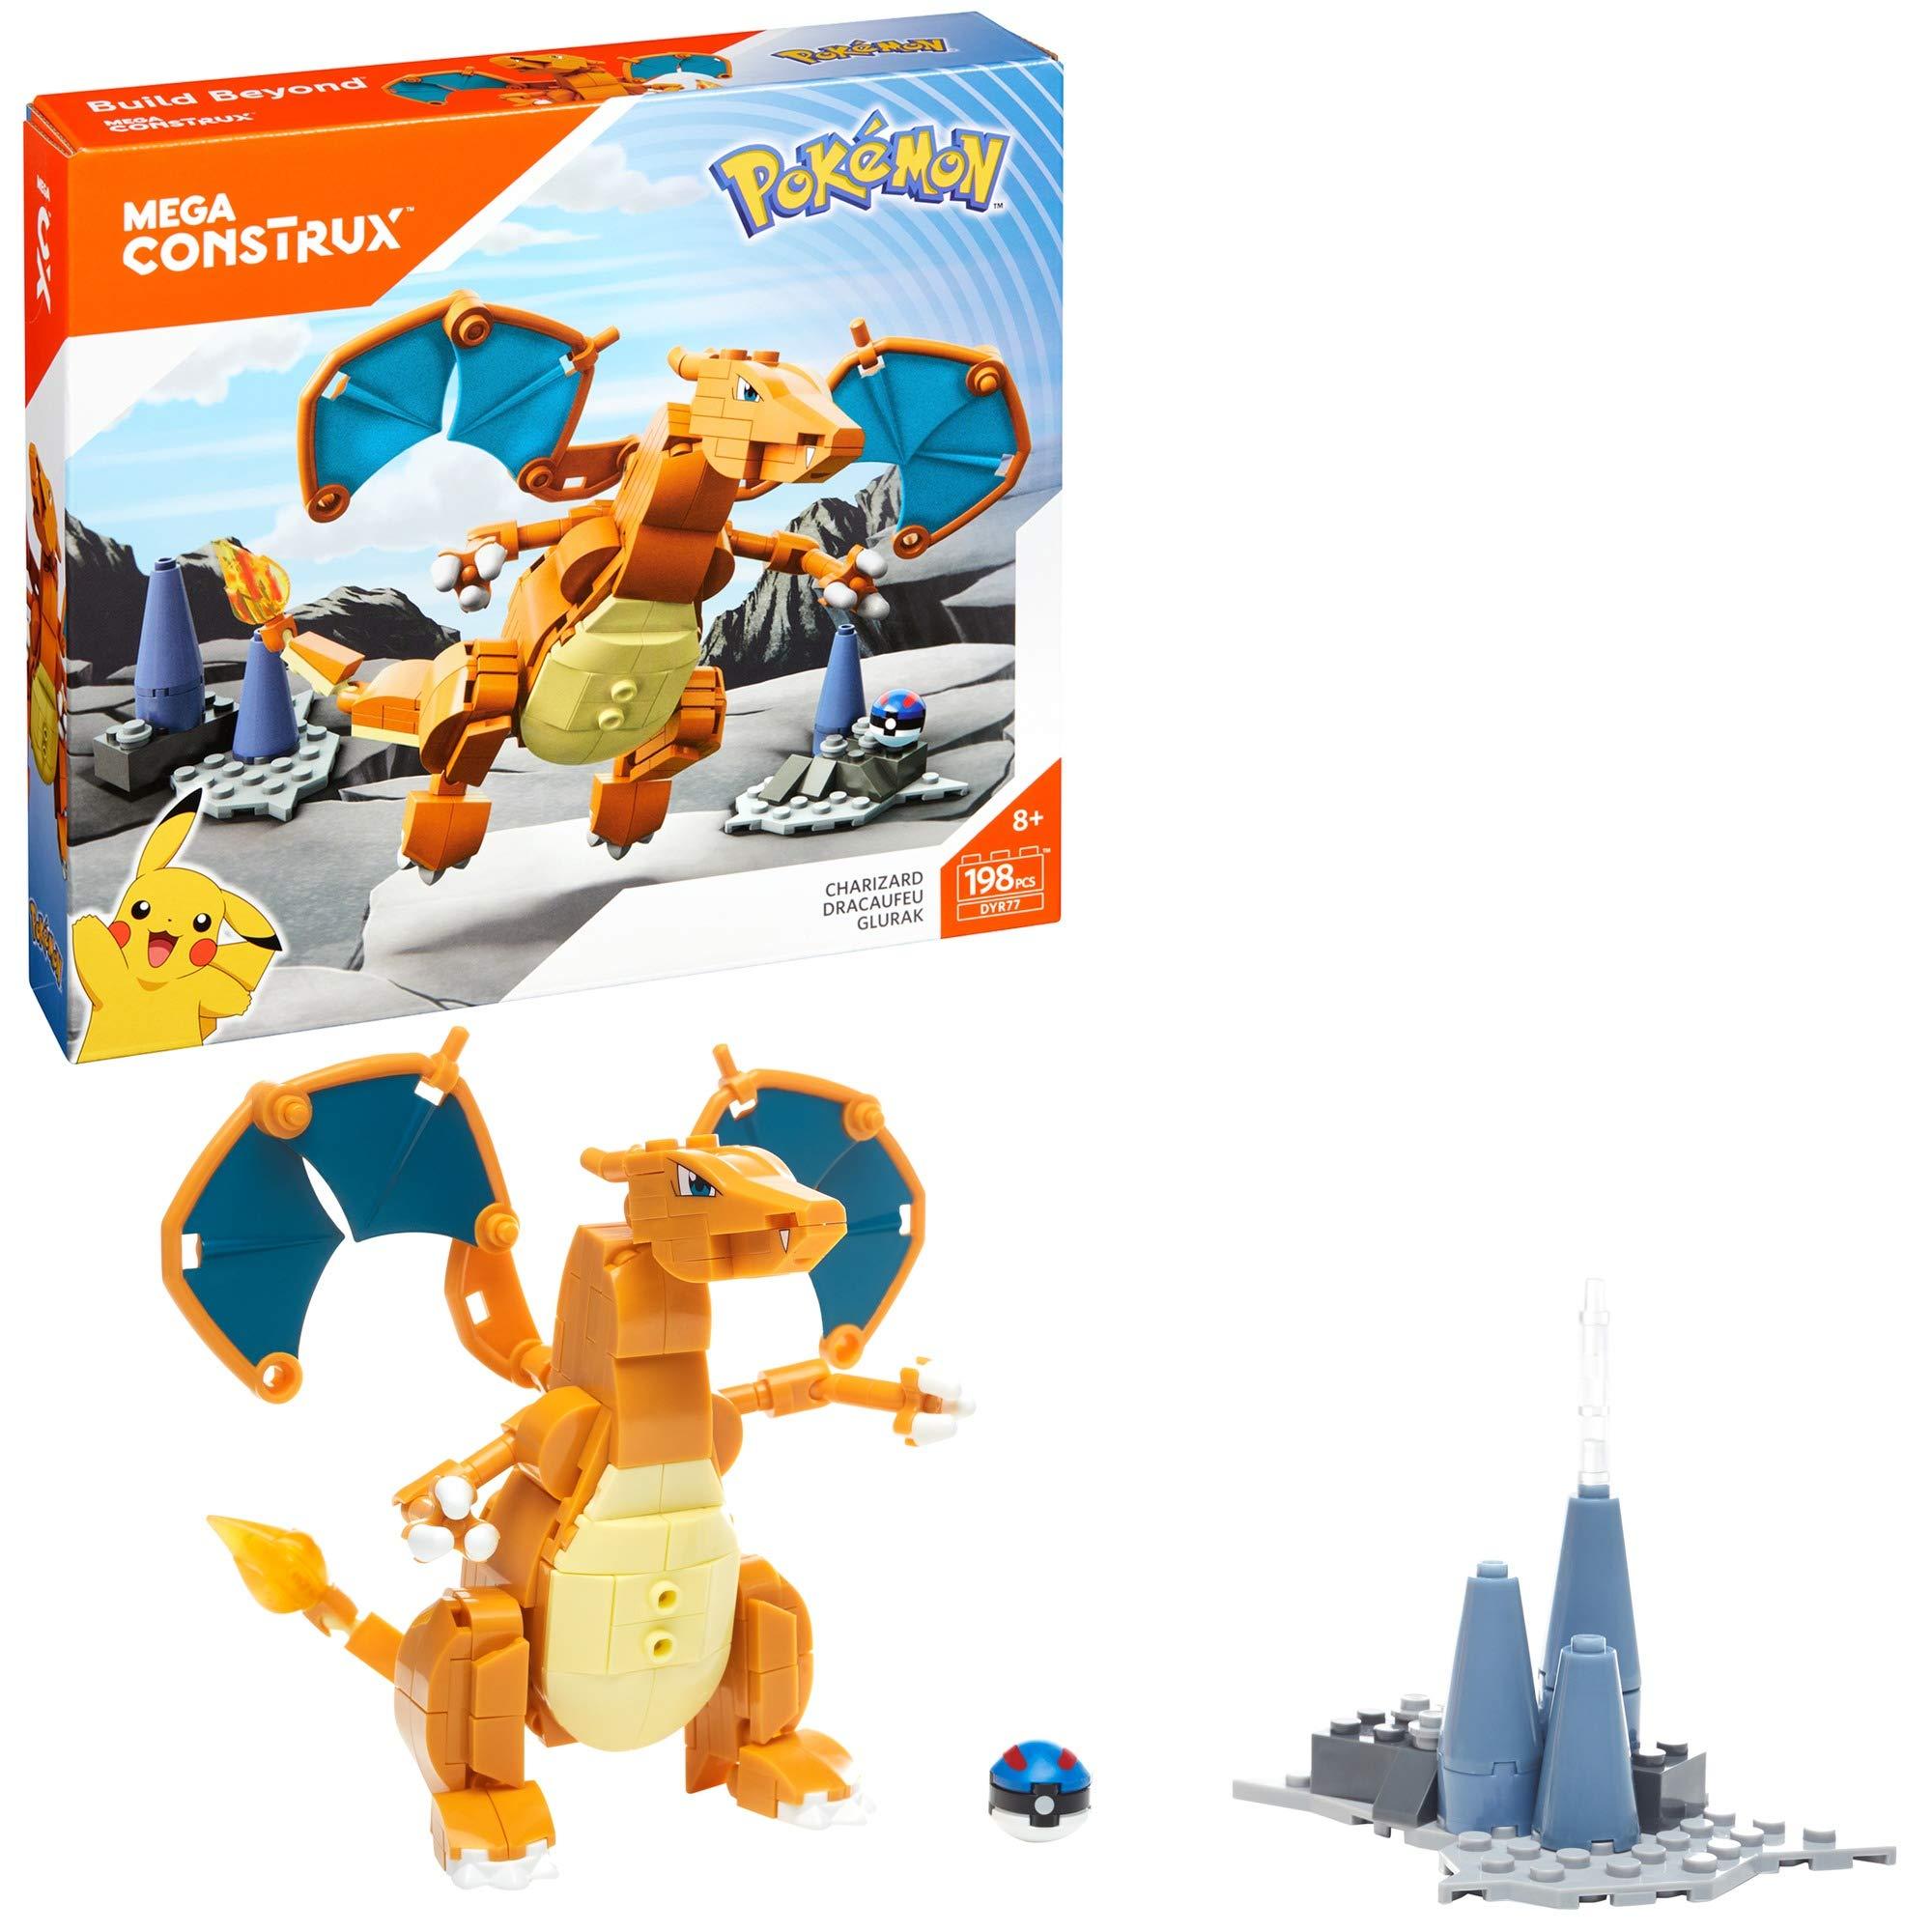 Mega Construx Pokemon Buildable Playset Mattel FPM09 3 Piece